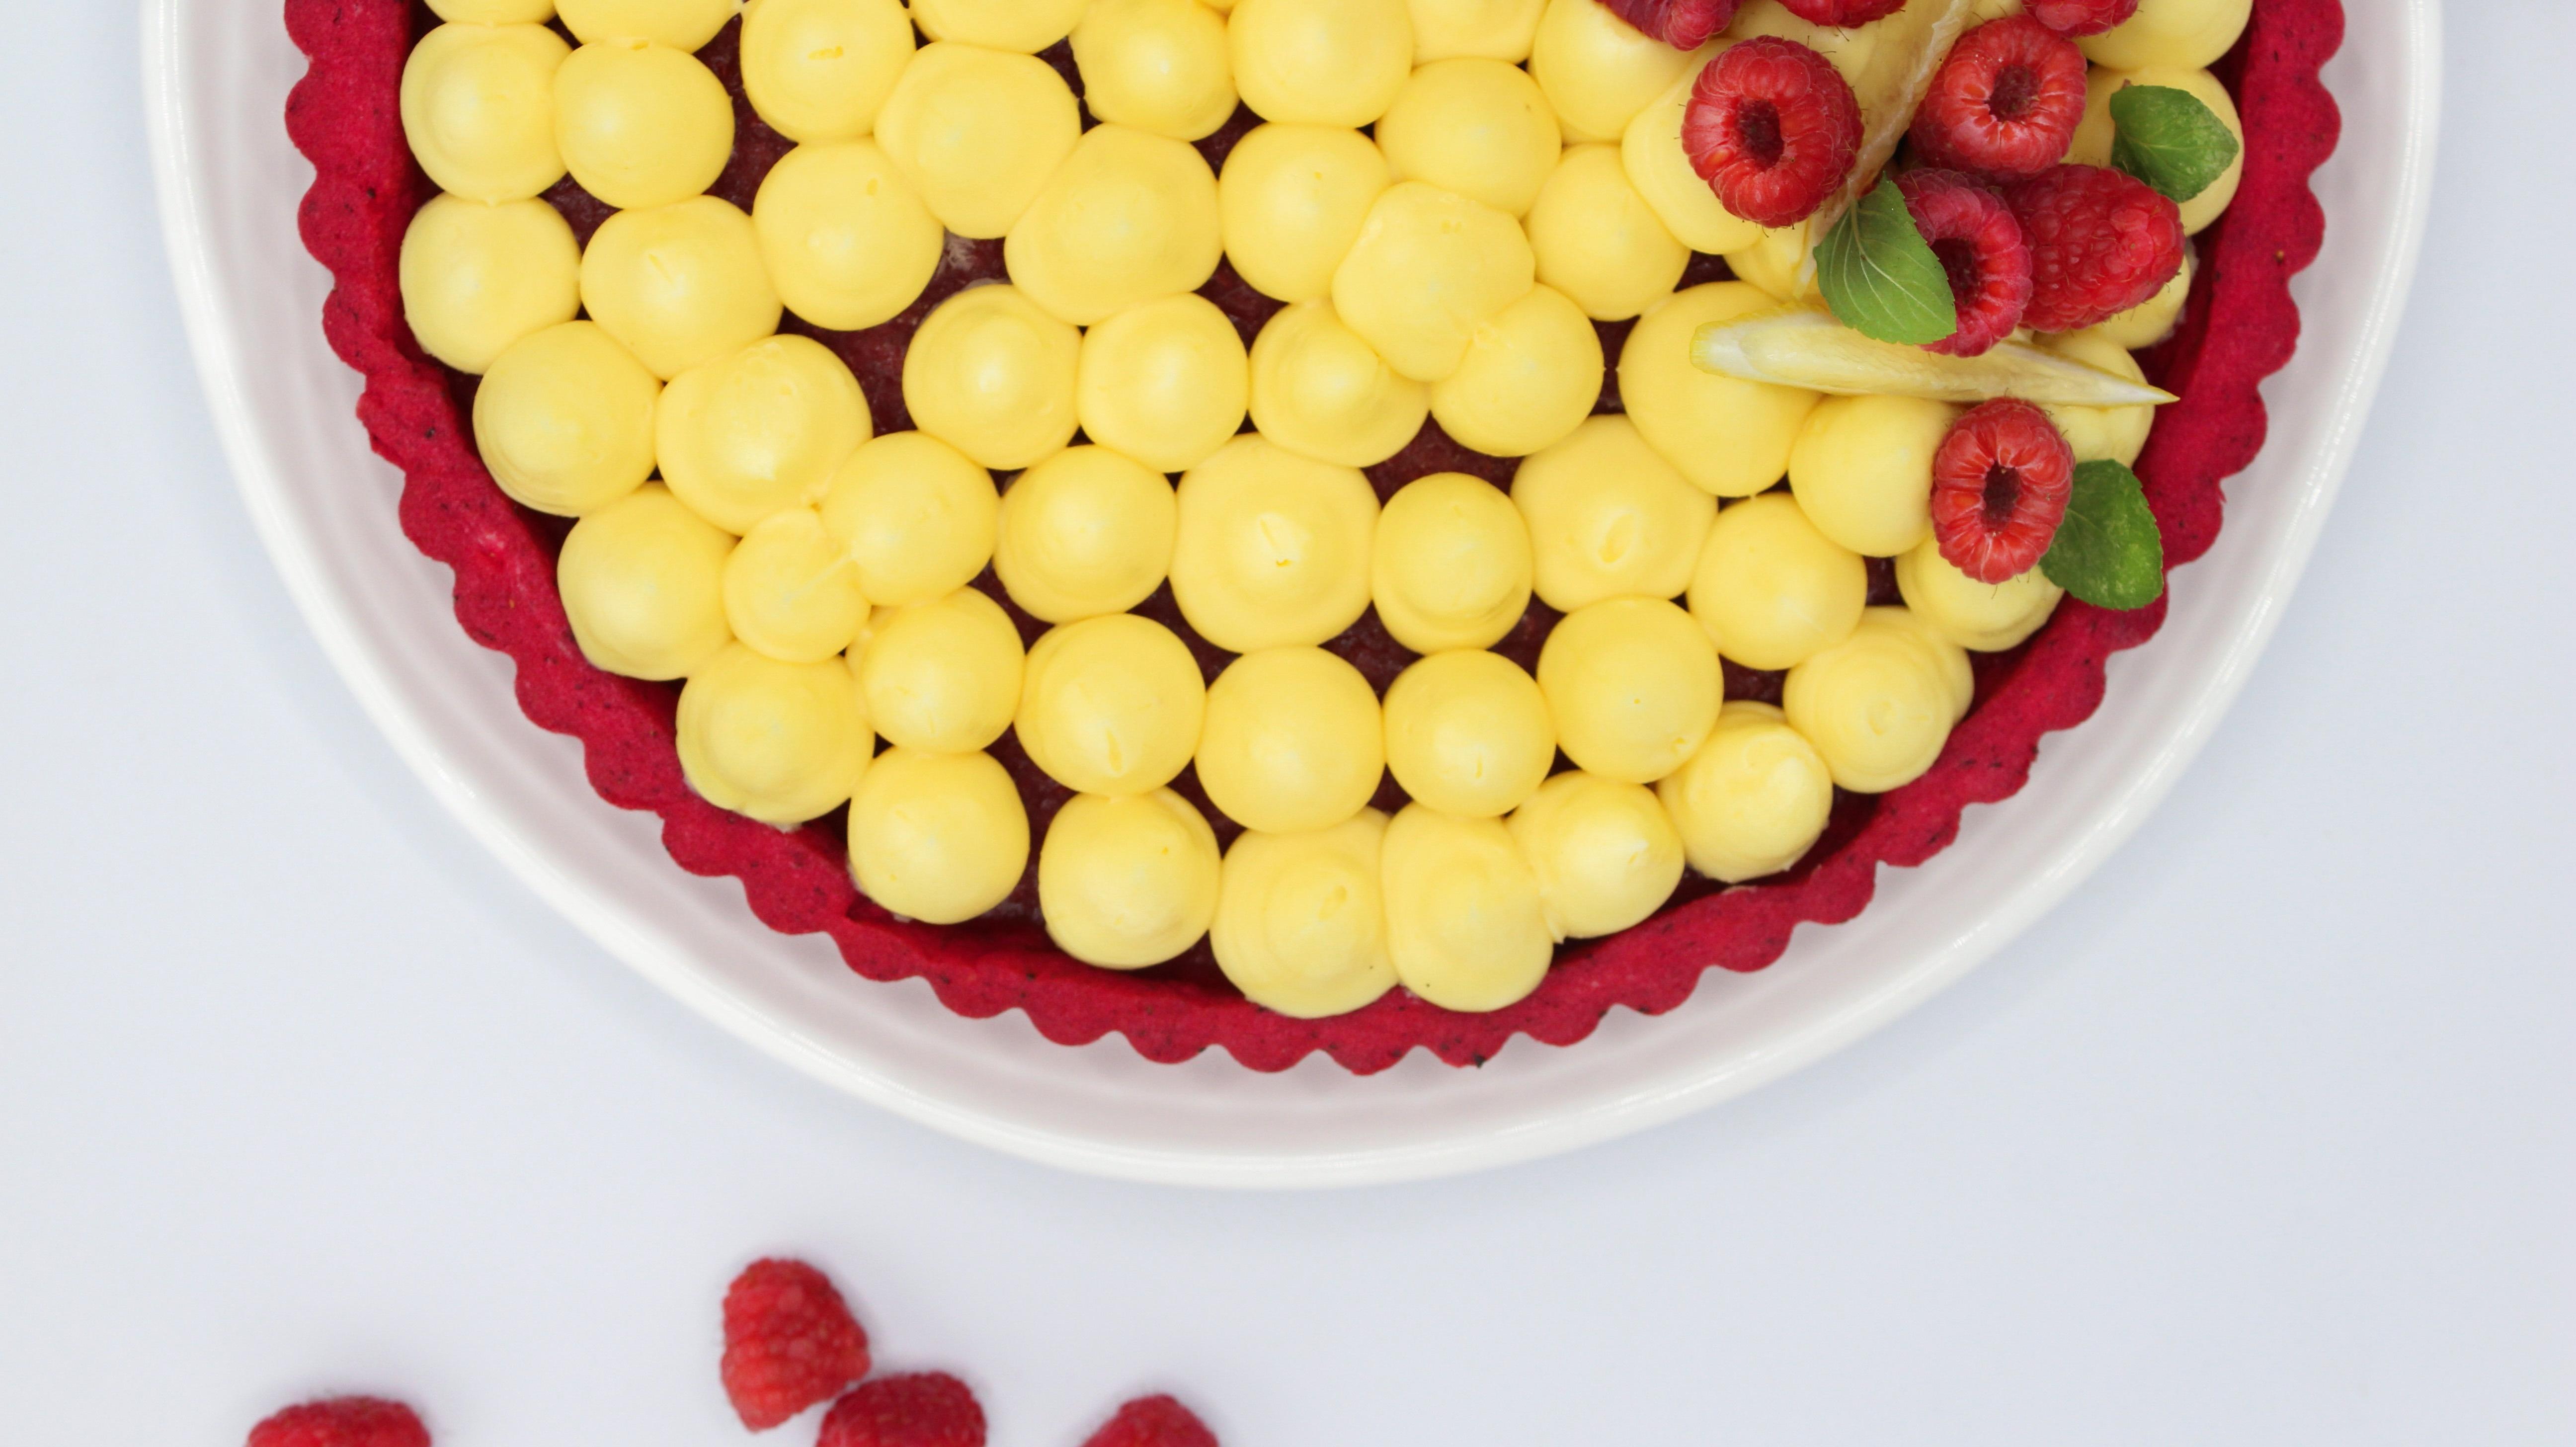 Tarta de Frambuesa y Limón